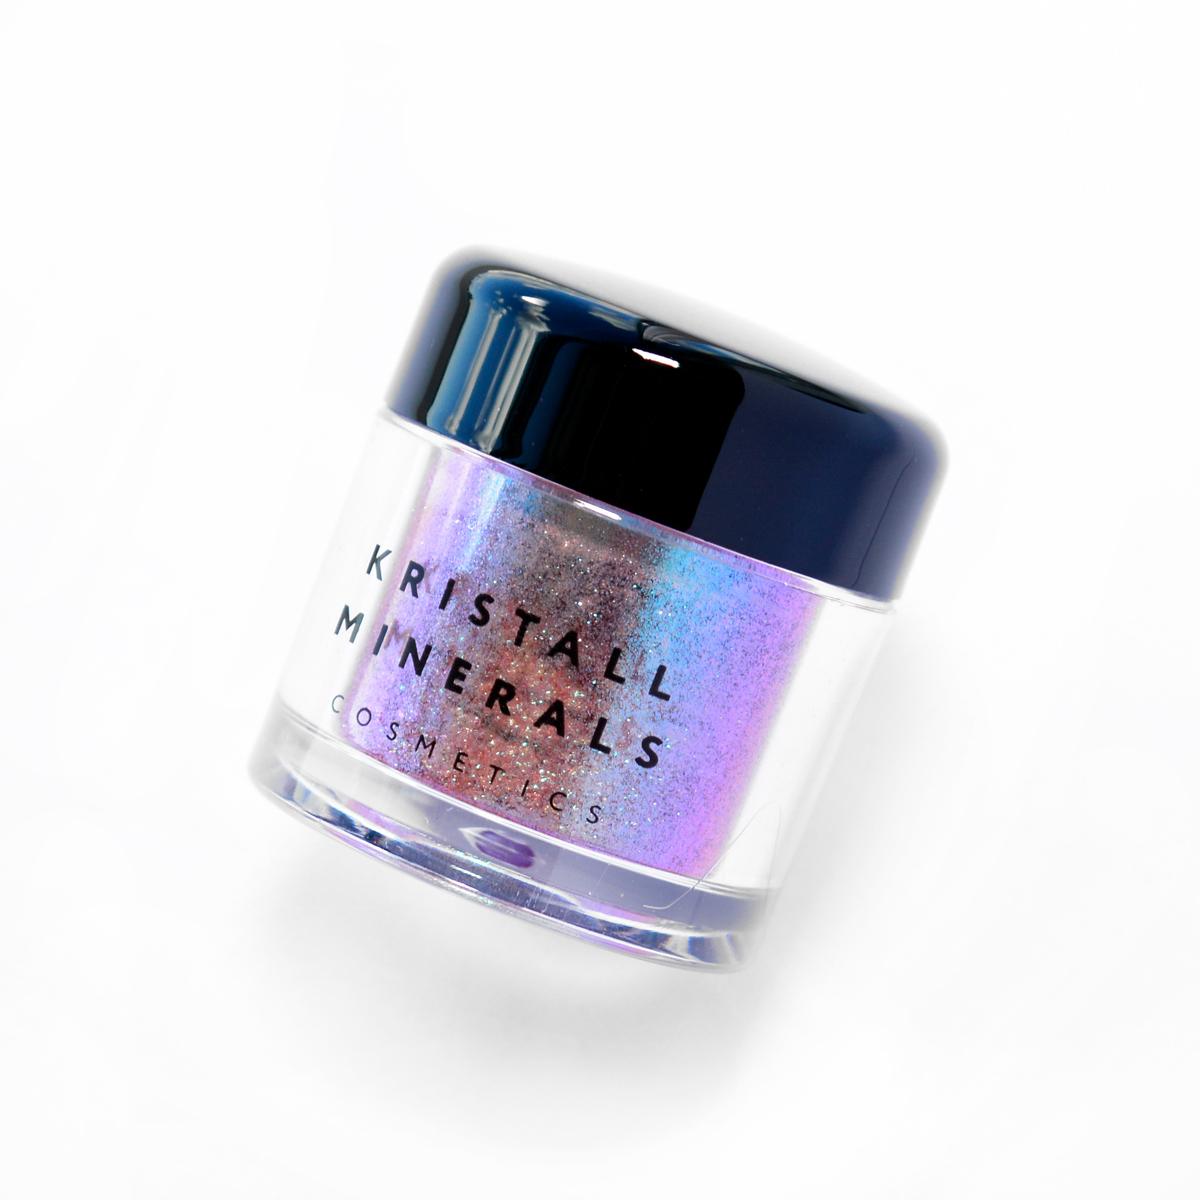 Минеральный пигмент Kristall Minerals cosmetics, Р030 Водный мир